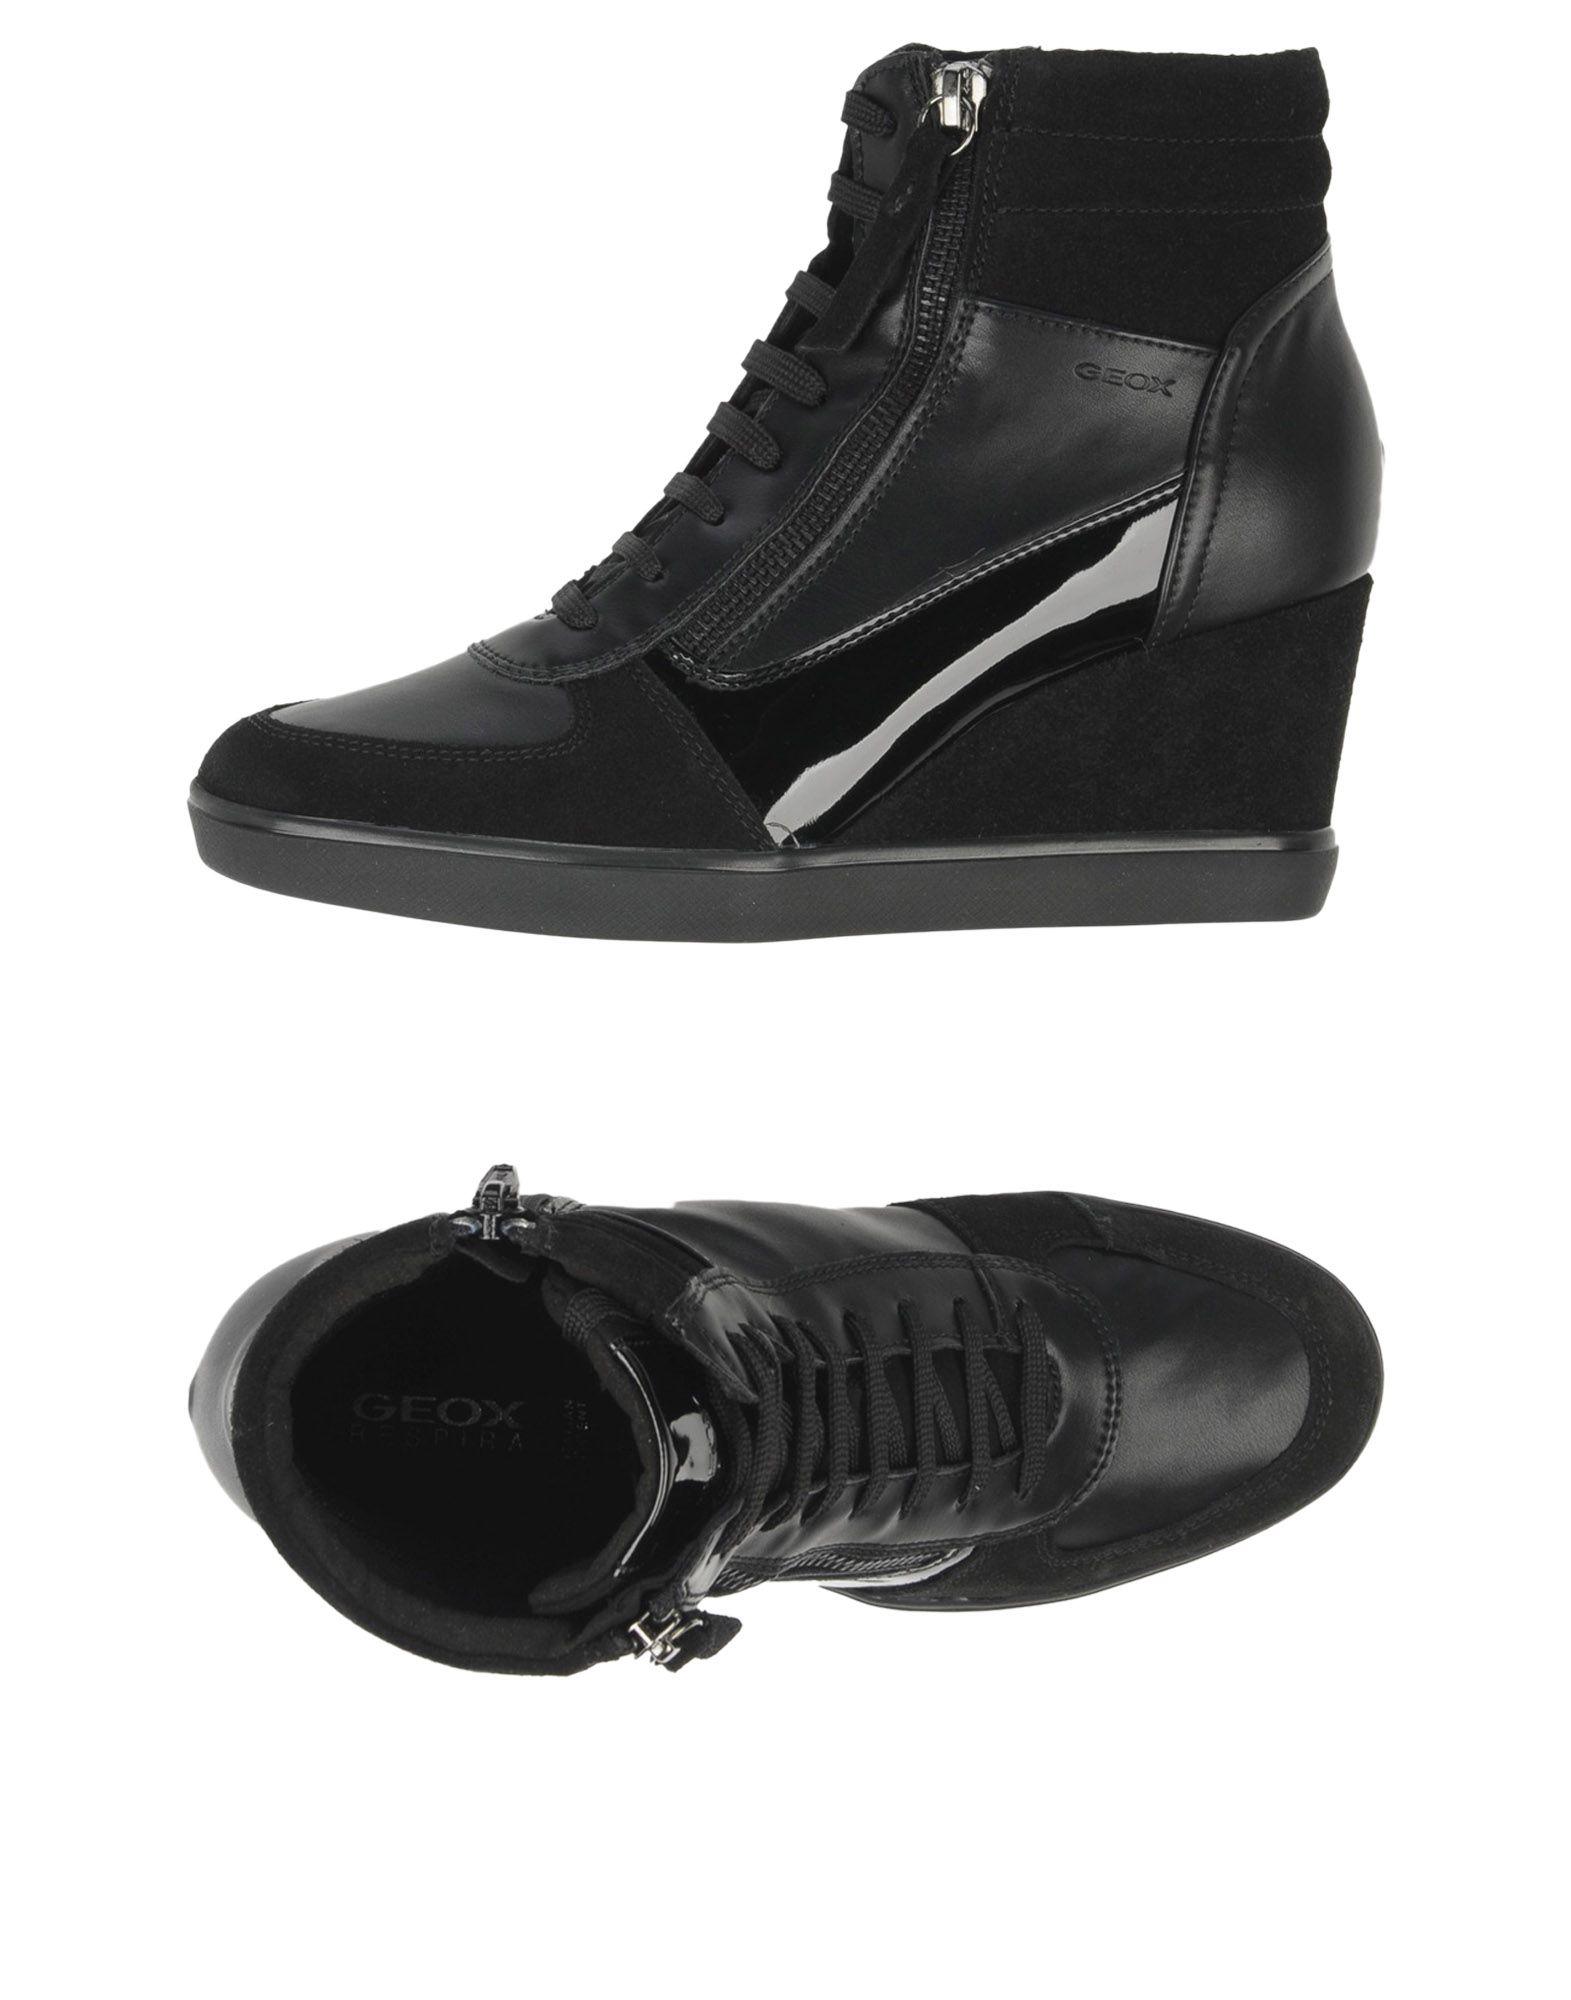 Baskets Geox Femme - Baskets discount Geox Noir Dernières chaussures discount Baskets pour hommes et femmes 698787